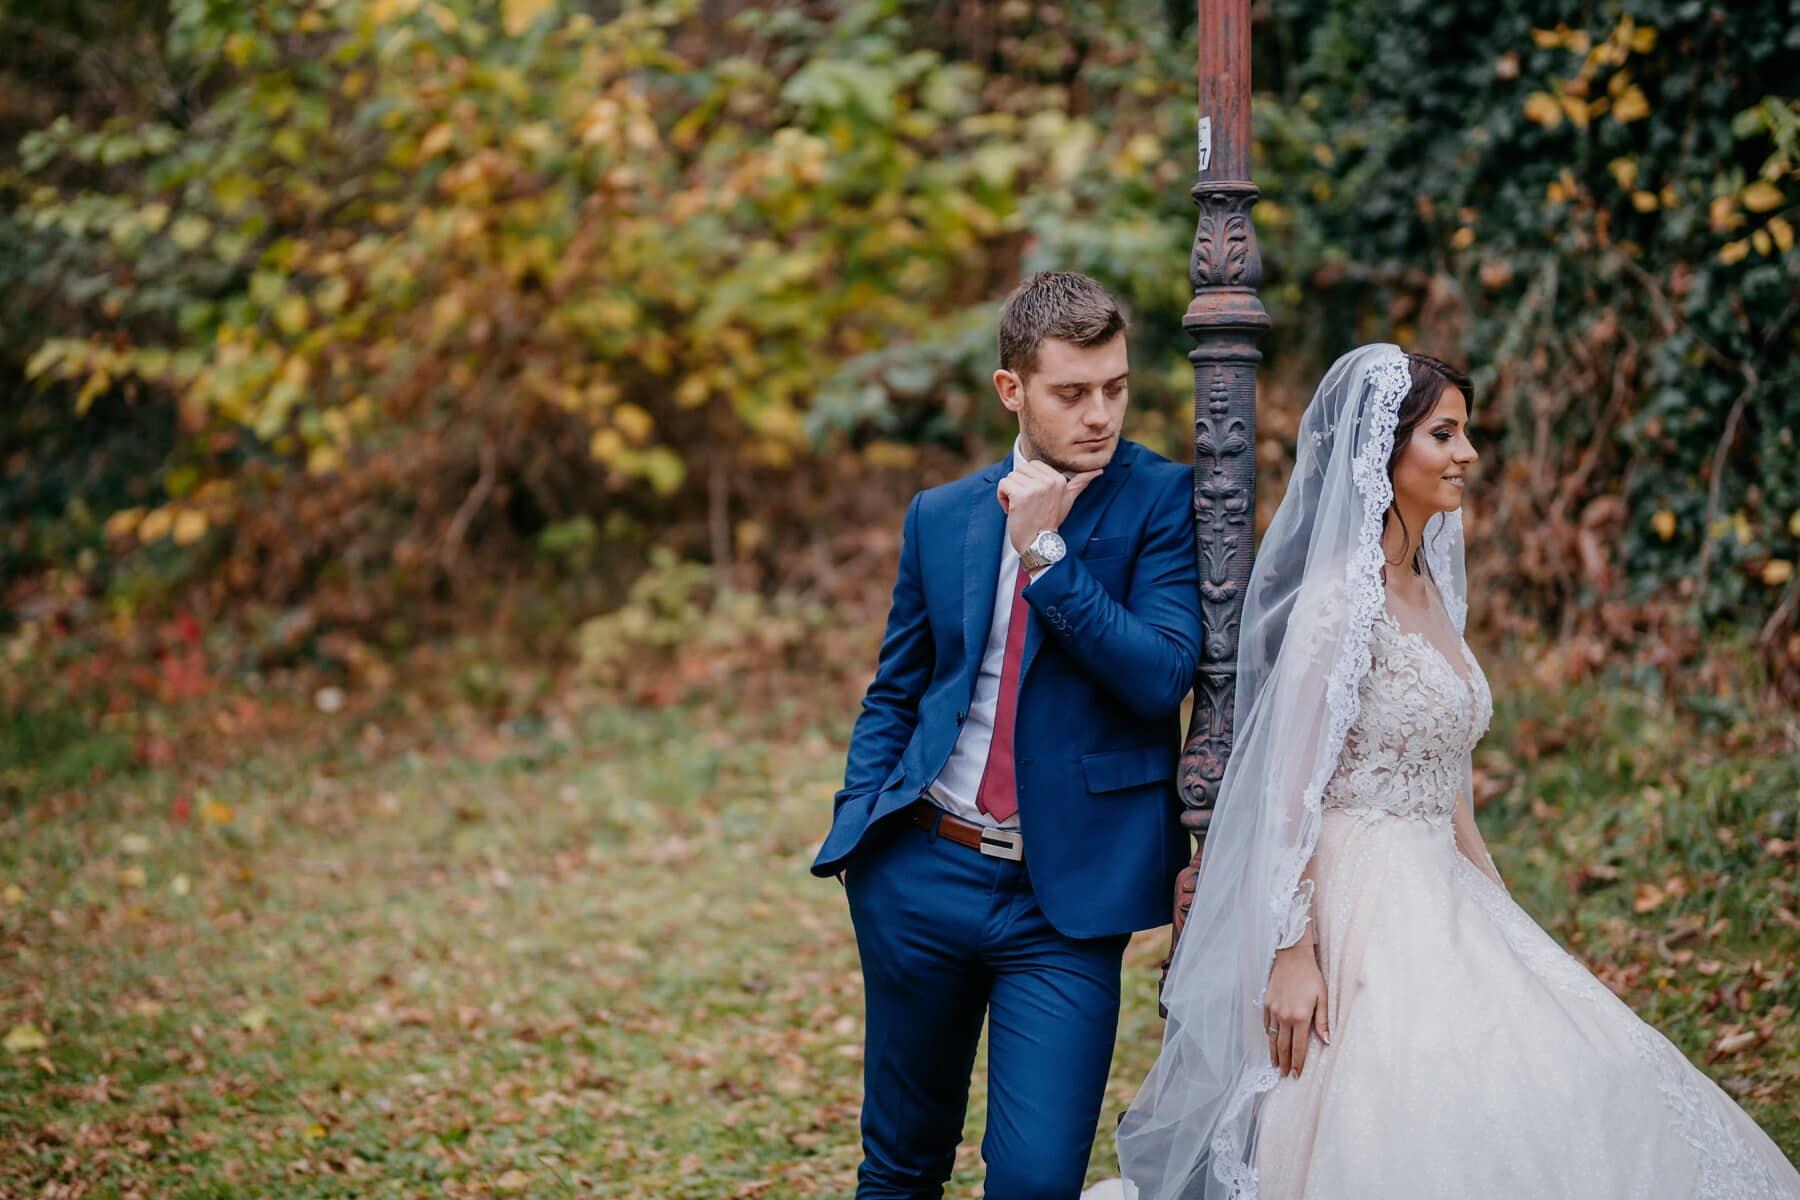 Braut, Bräutigam, stehende, Hochzeit, Gentleman, Hochzeitskleid, Liebe, Ehe, paar, Mädchen